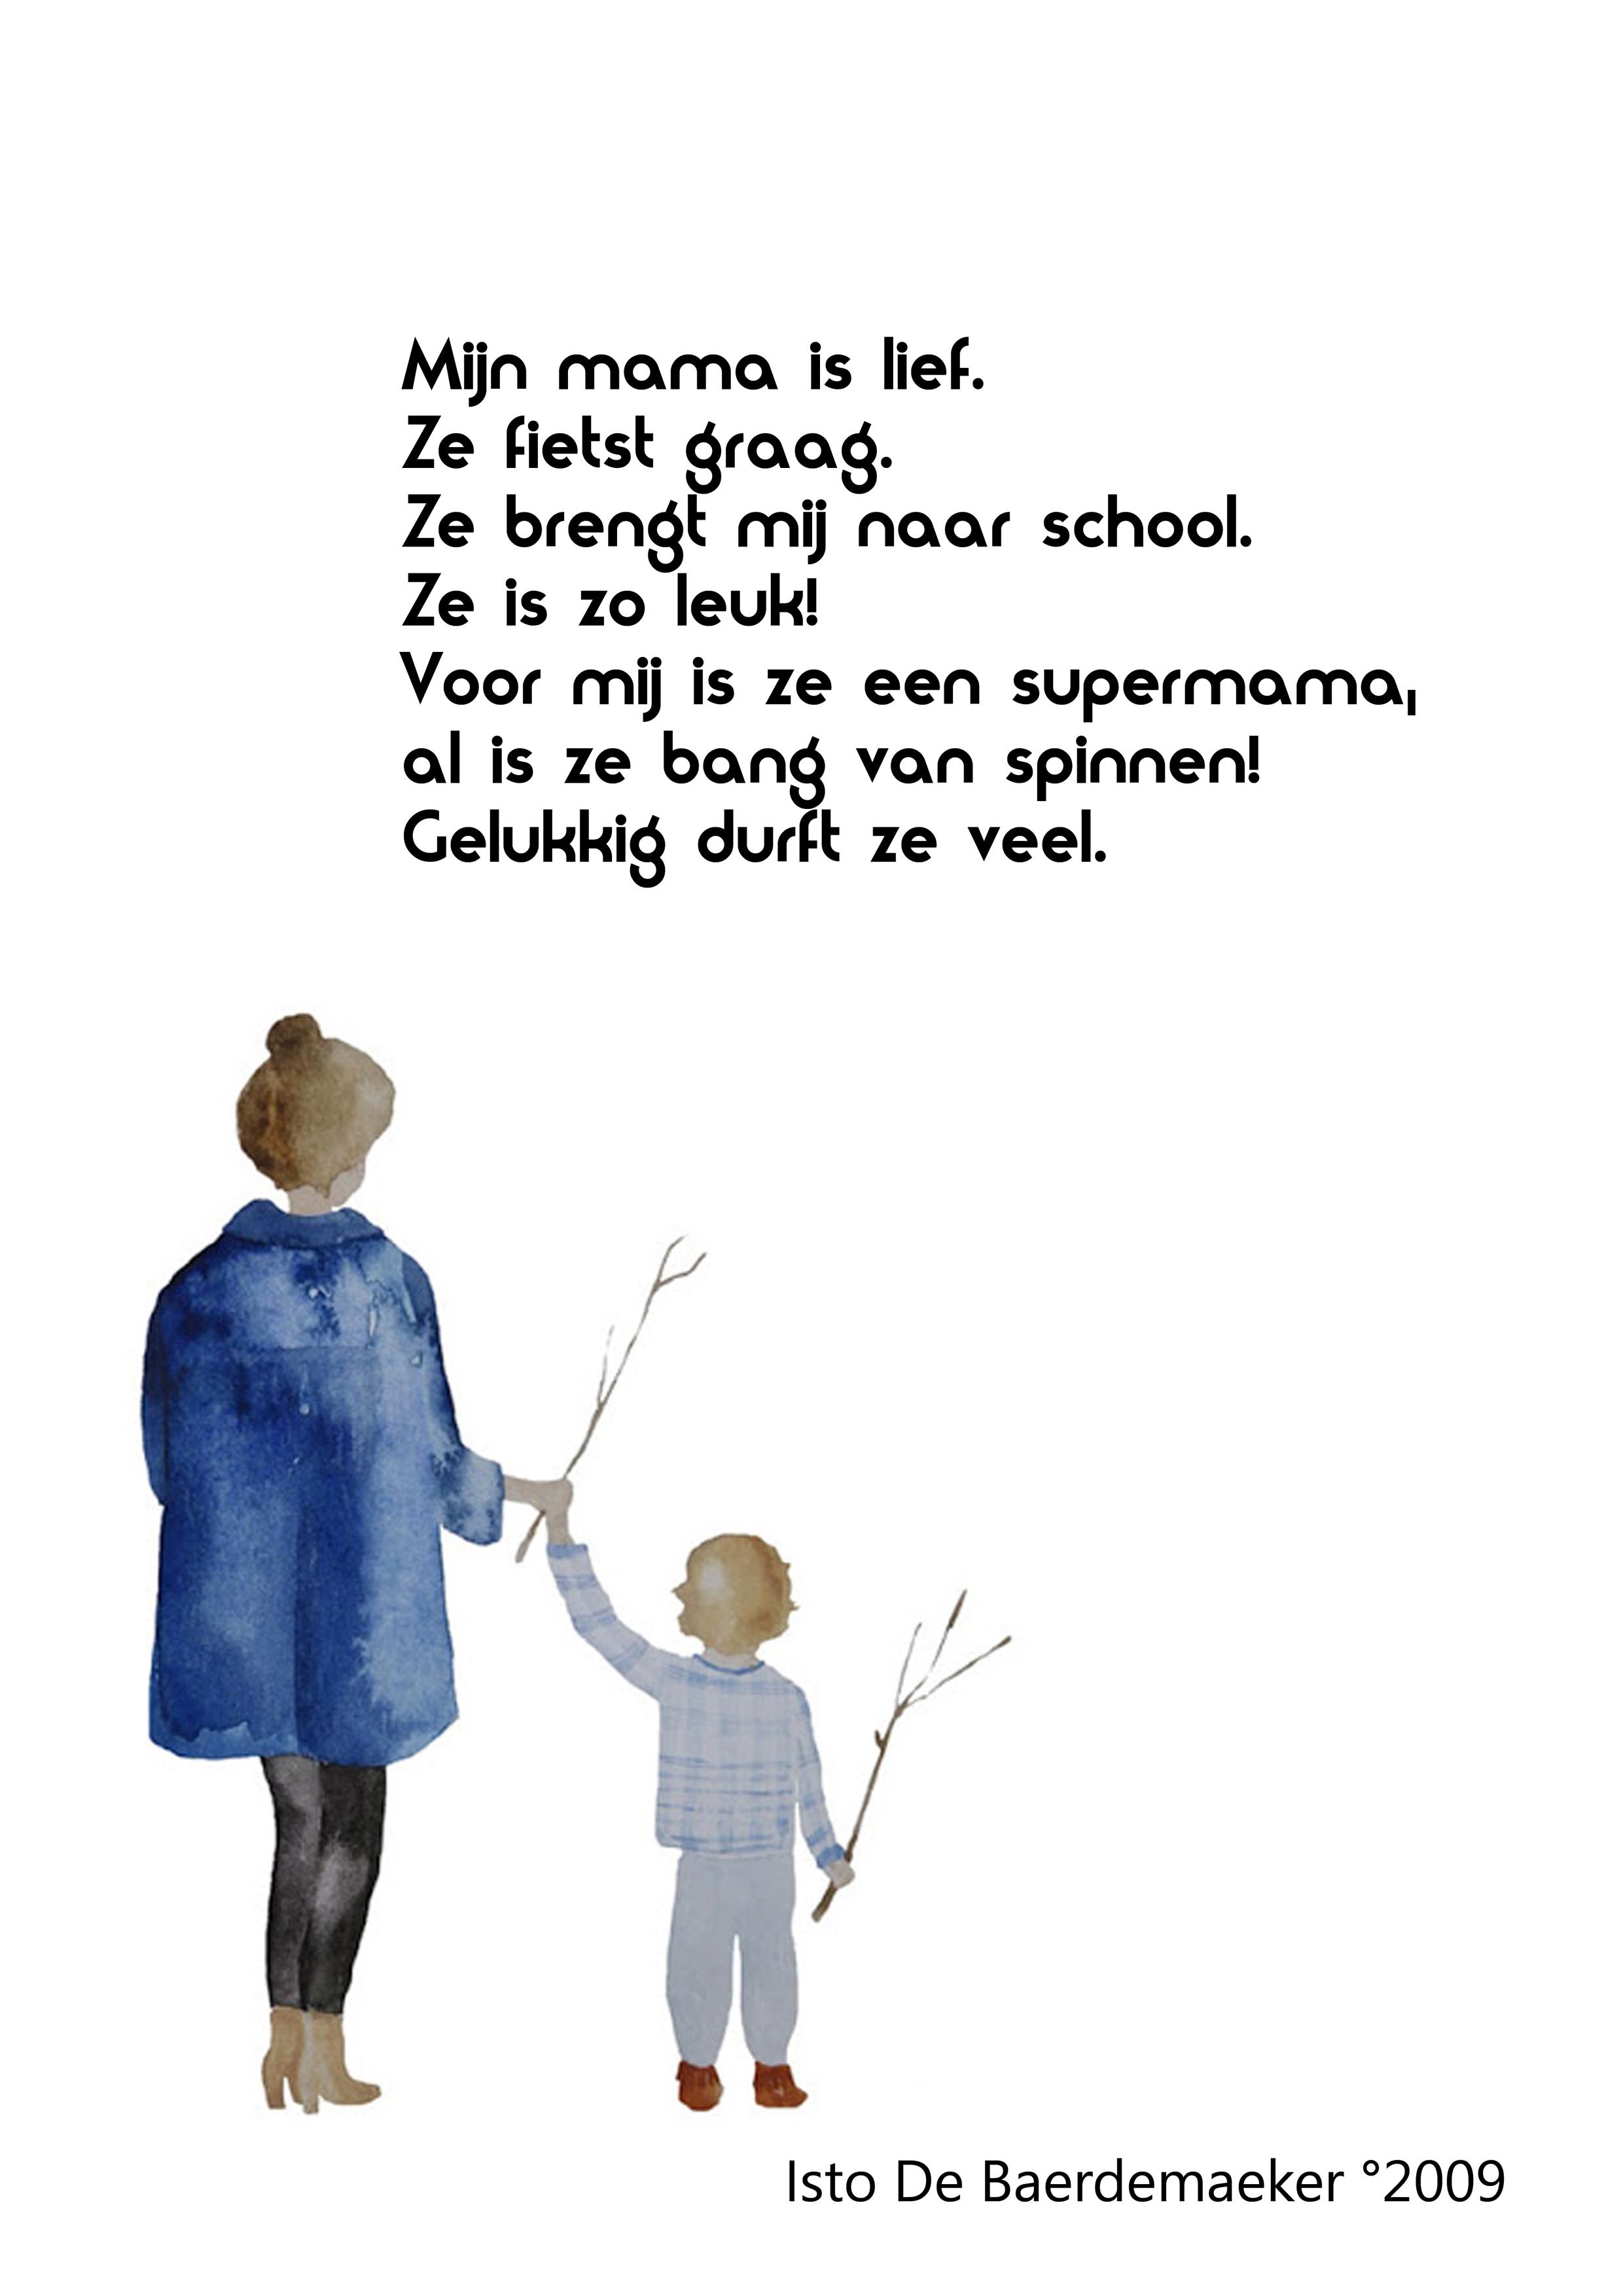 Isto De Baerdemaeker